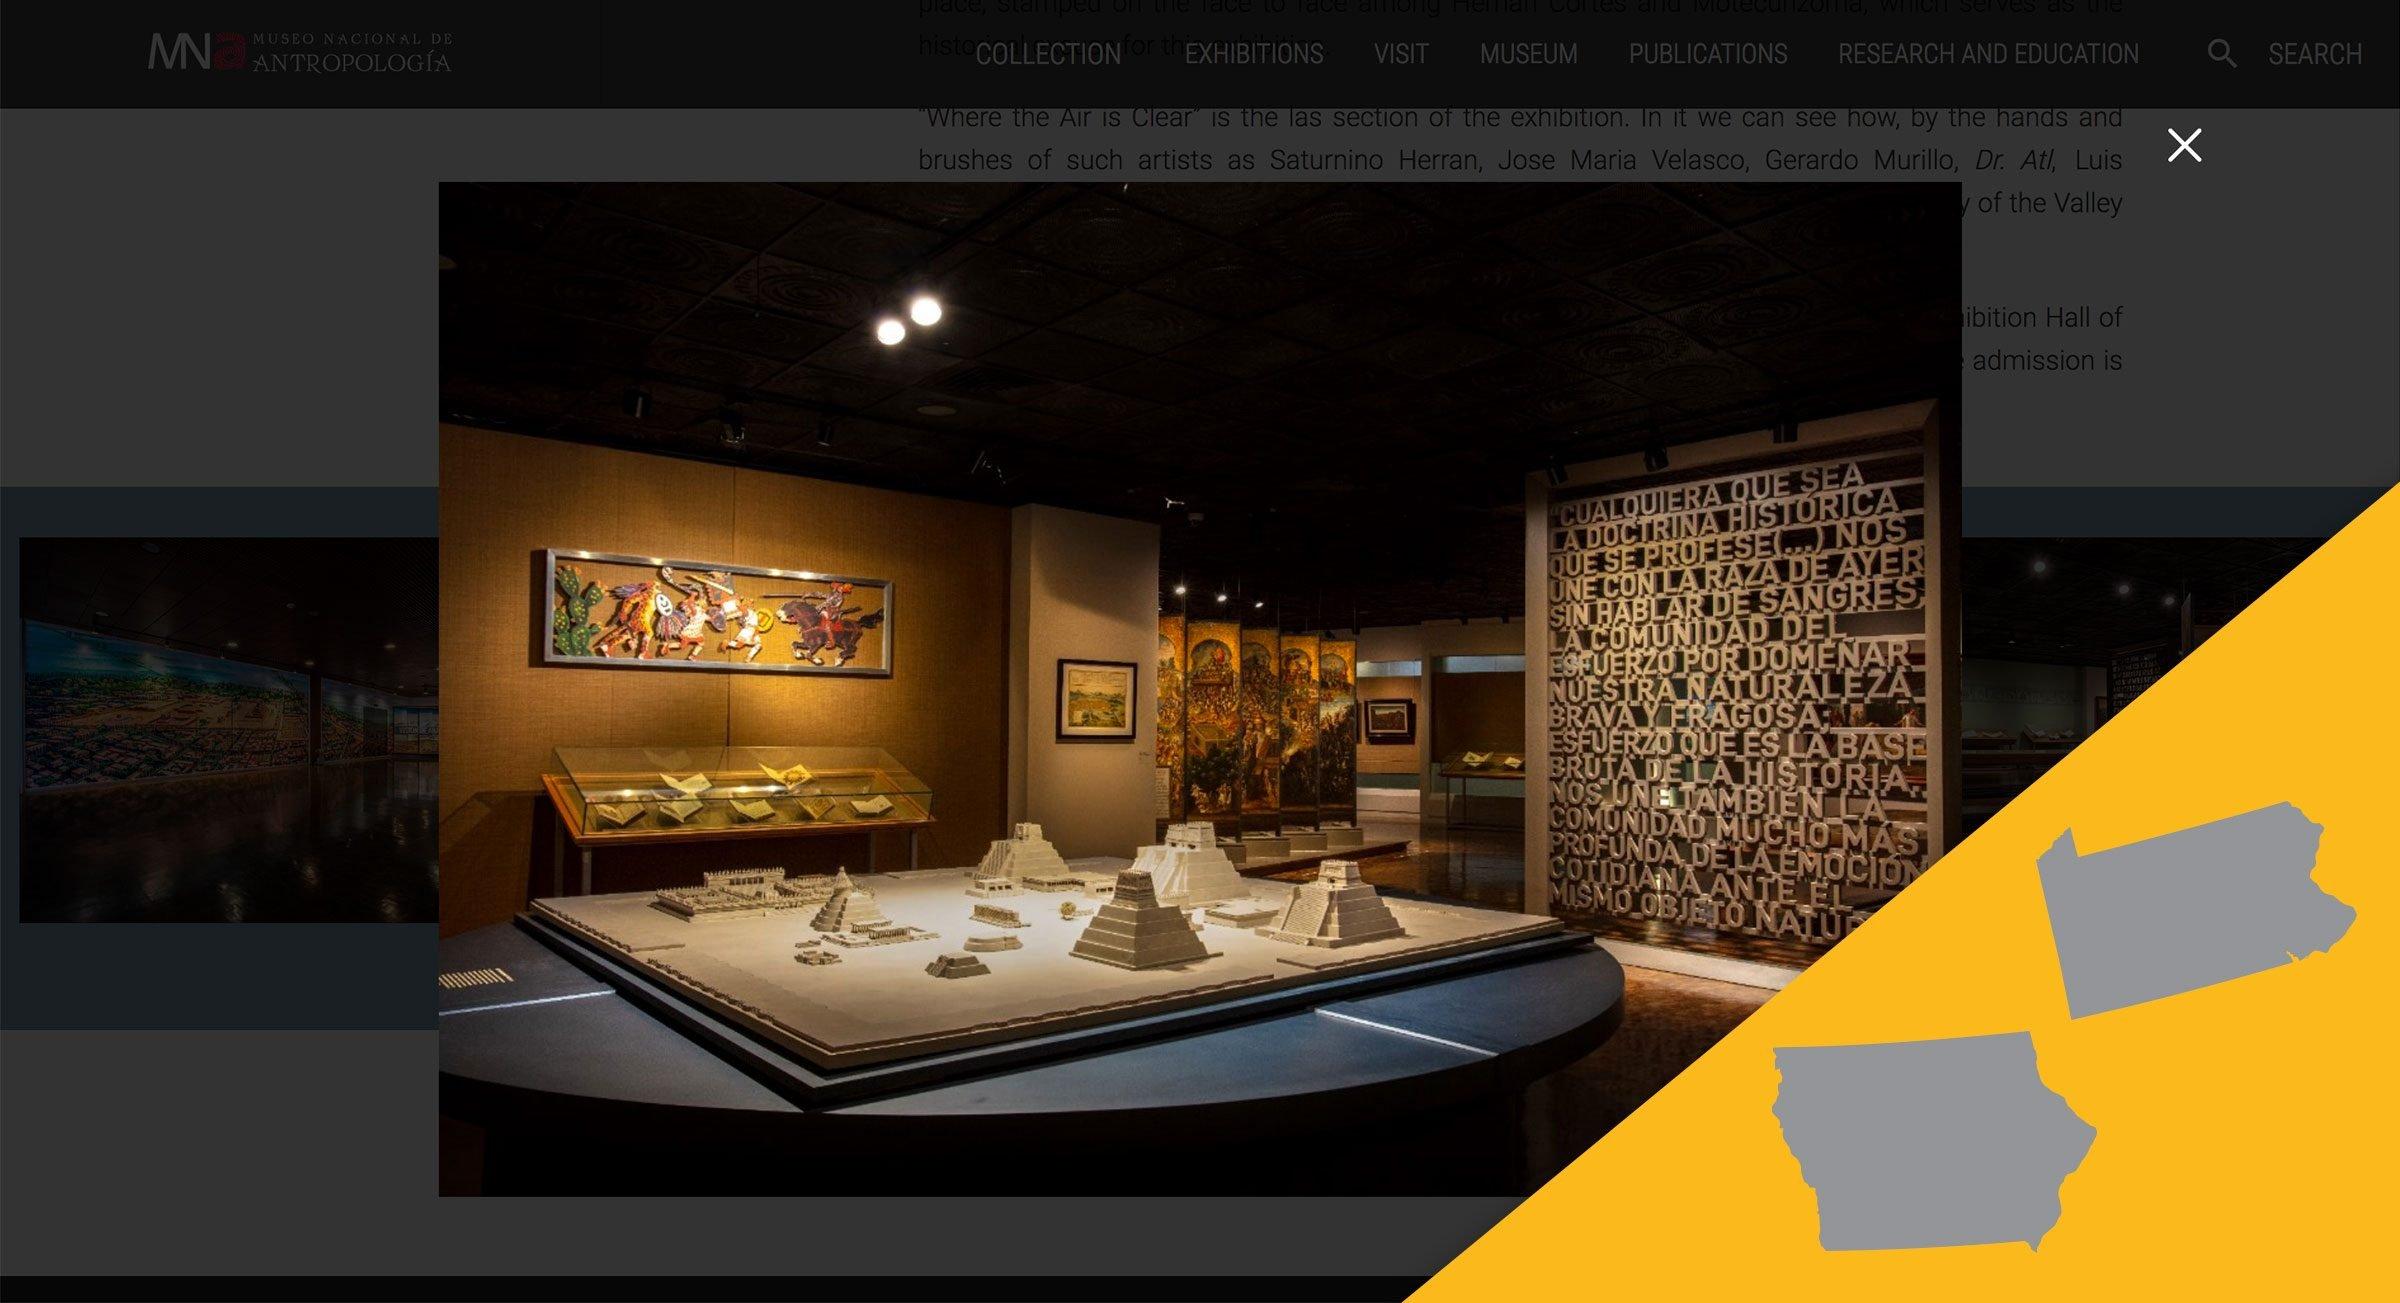 Museo Nacional de Antropología virtual tour